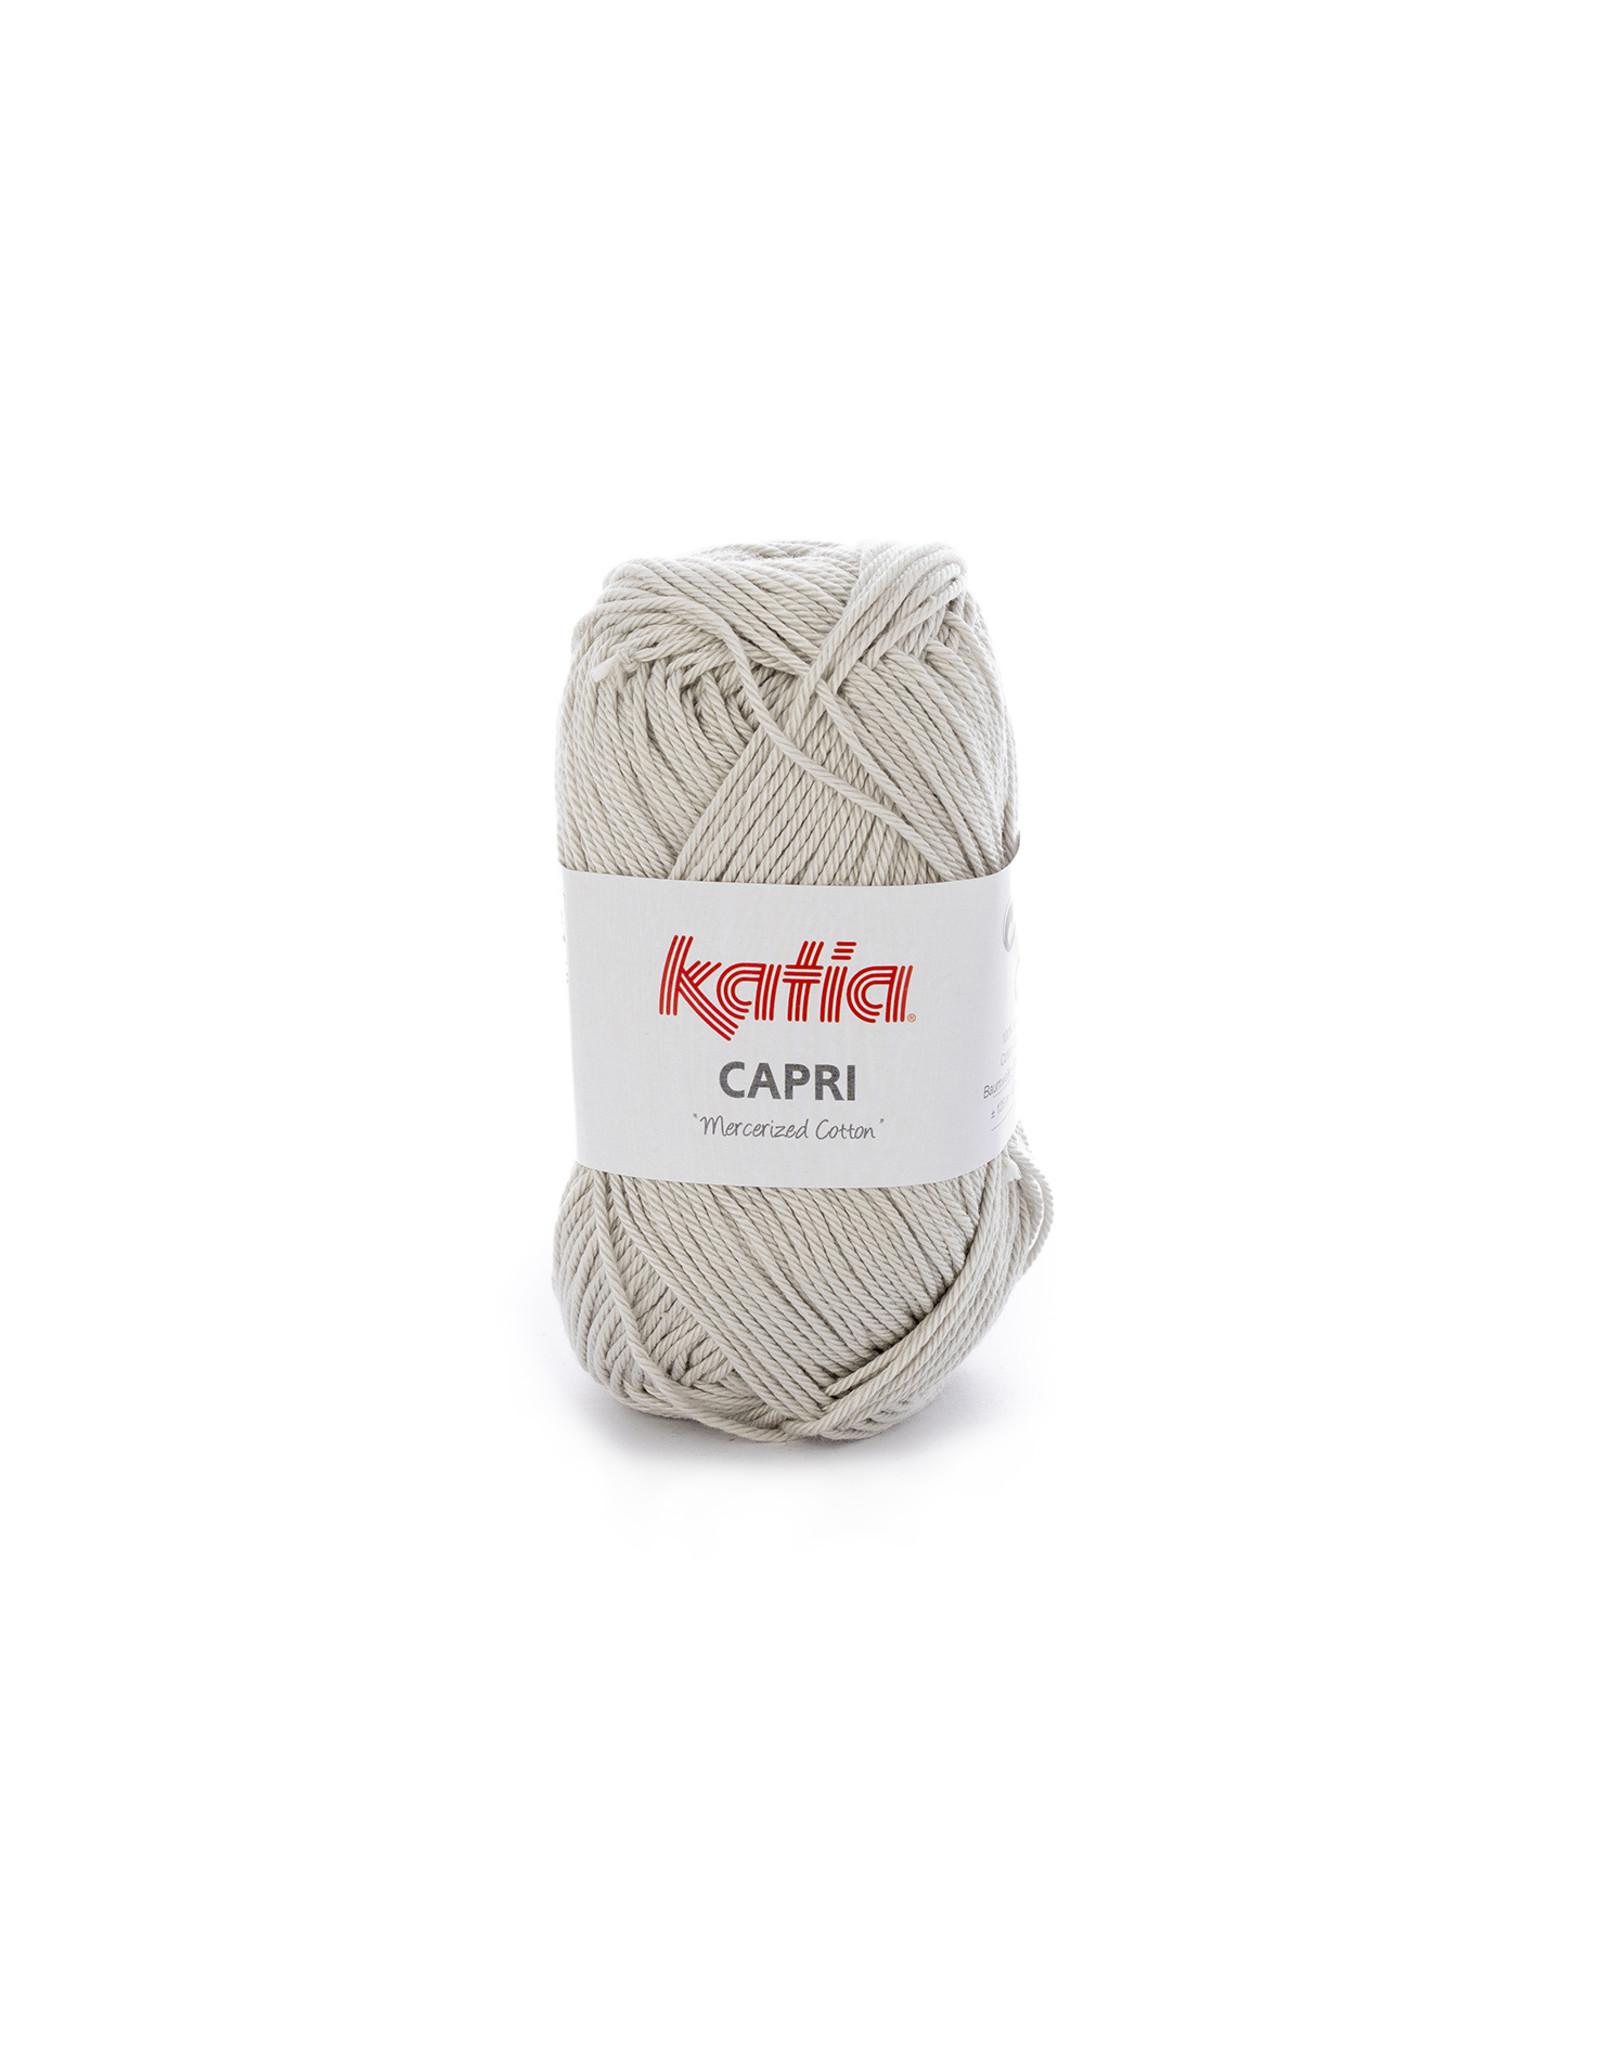 Katia Katia Capri - kleur 135 Zeer licht grijs - 50 gr. = 125 m. - 100% katoen